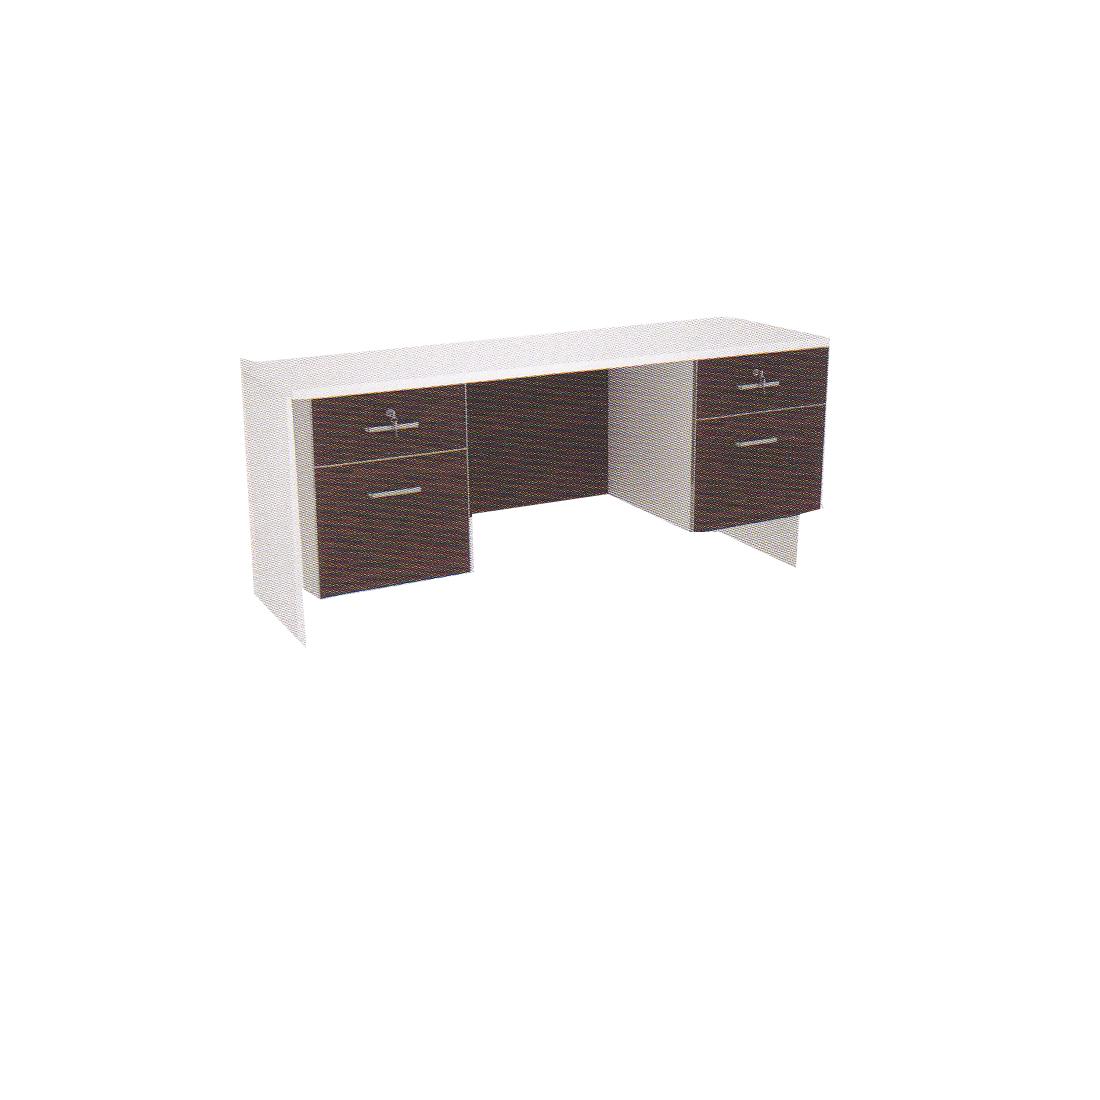 โต๊ะทำงาน 1.60 ม. 2 ลช.ซ้าย-ขวา TDK-P1622